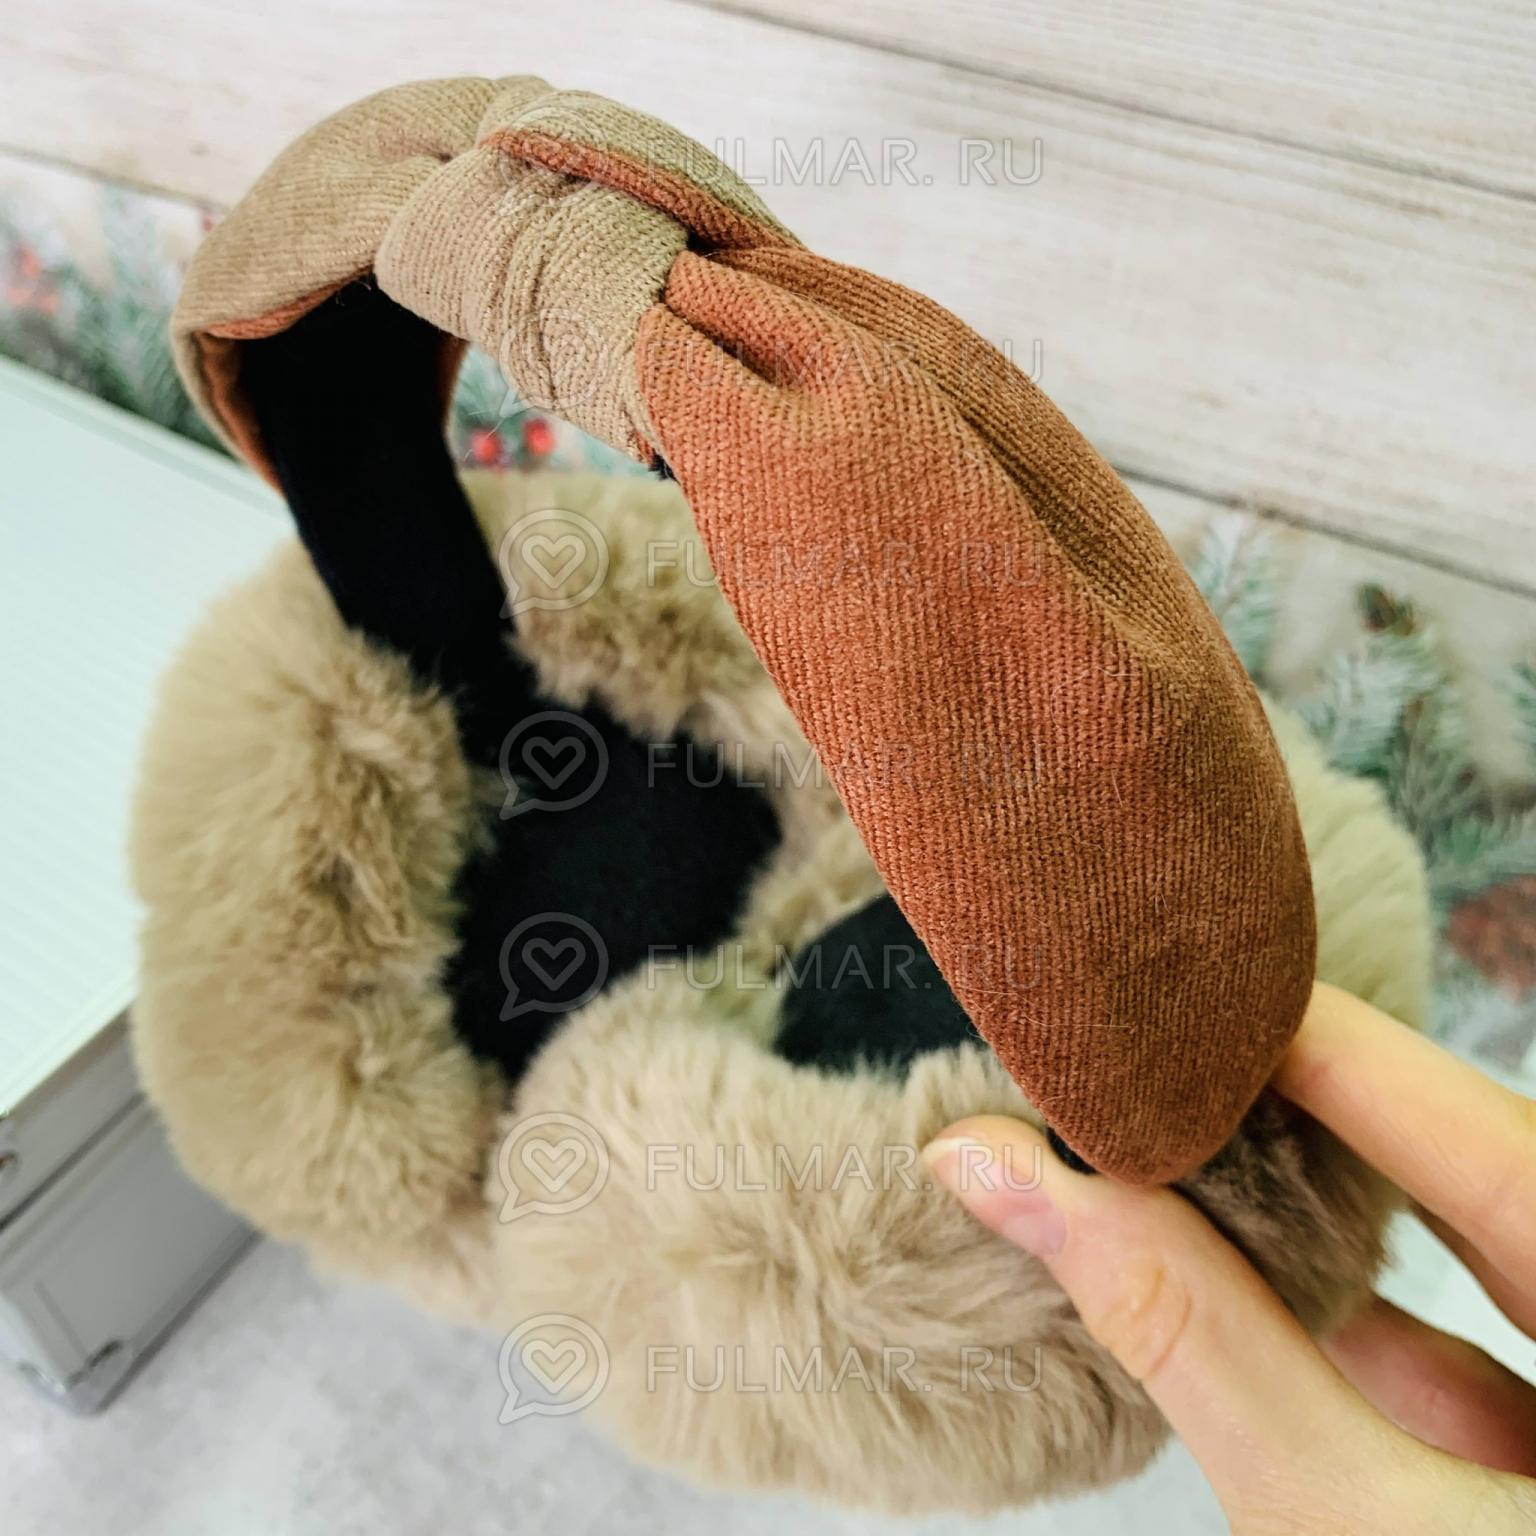 Наушники утеплённые складные с ободком-узлом цвет: Бежевый-Корочиневый